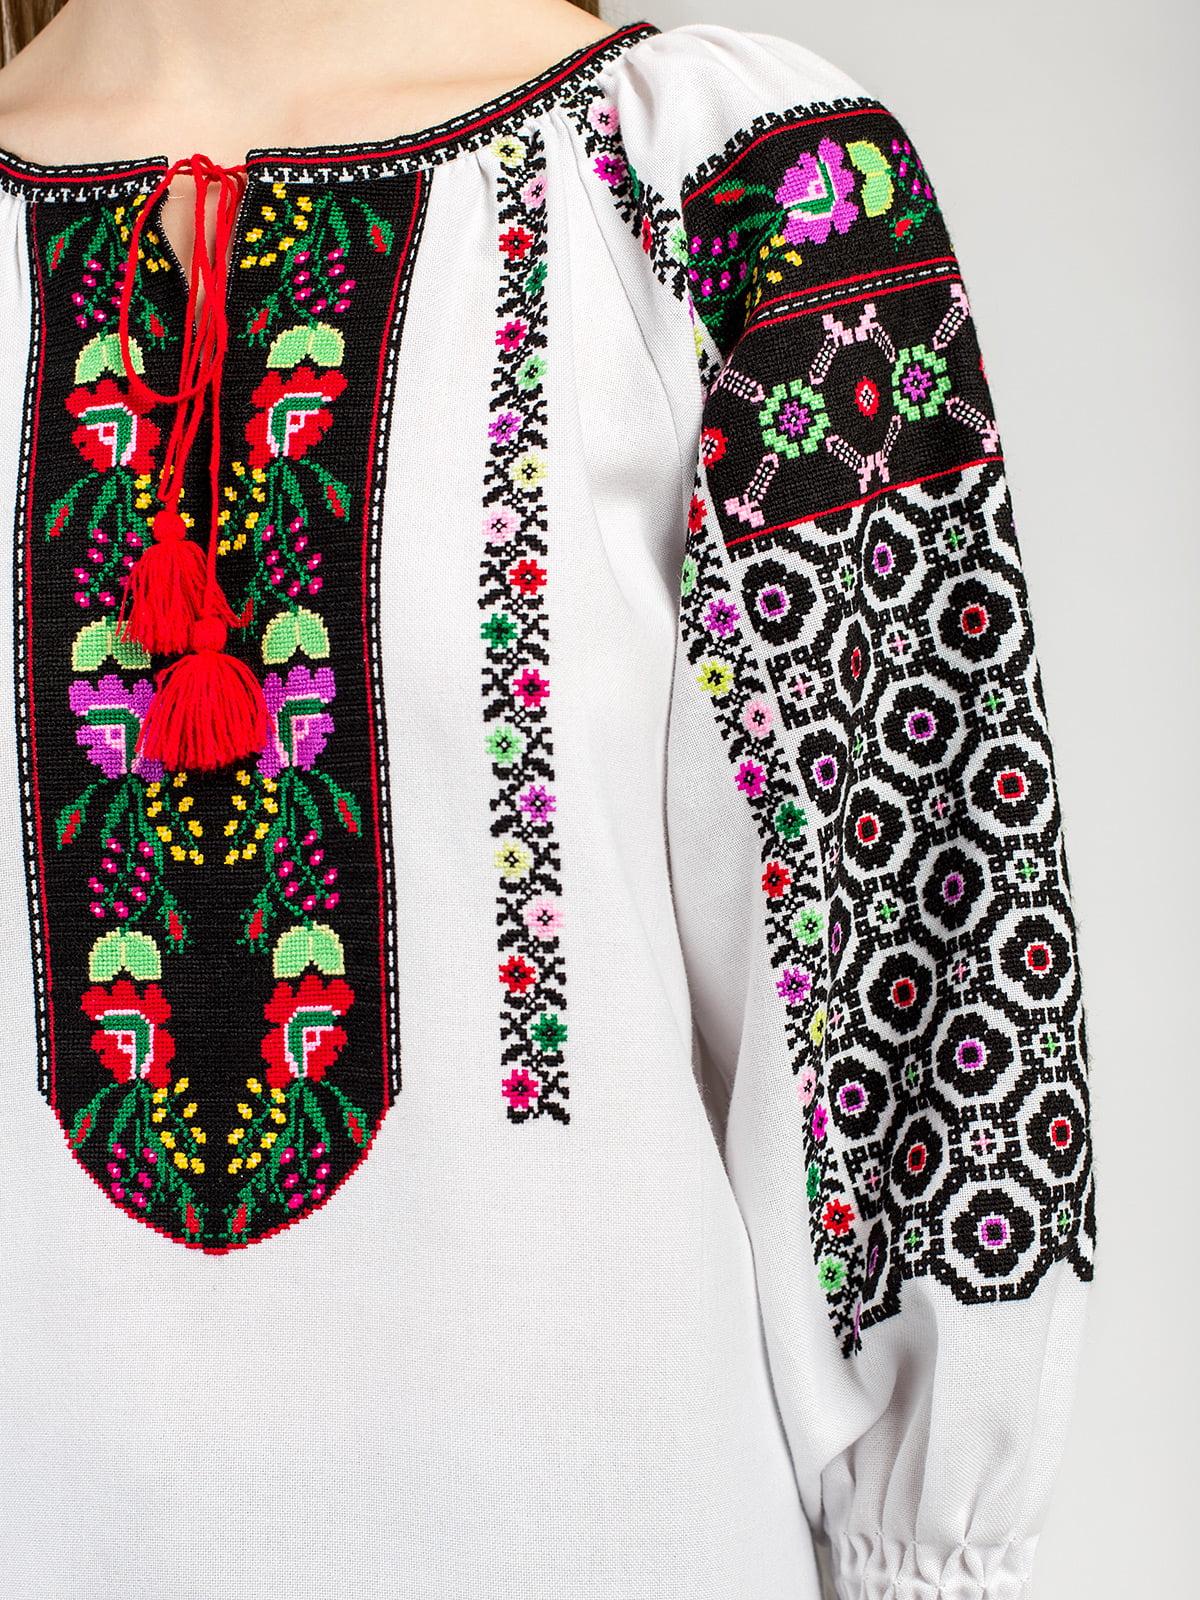 Борщевская женская вышиванка ручной работы Аб2 – купить в Киеве и ... c25c269ed4937